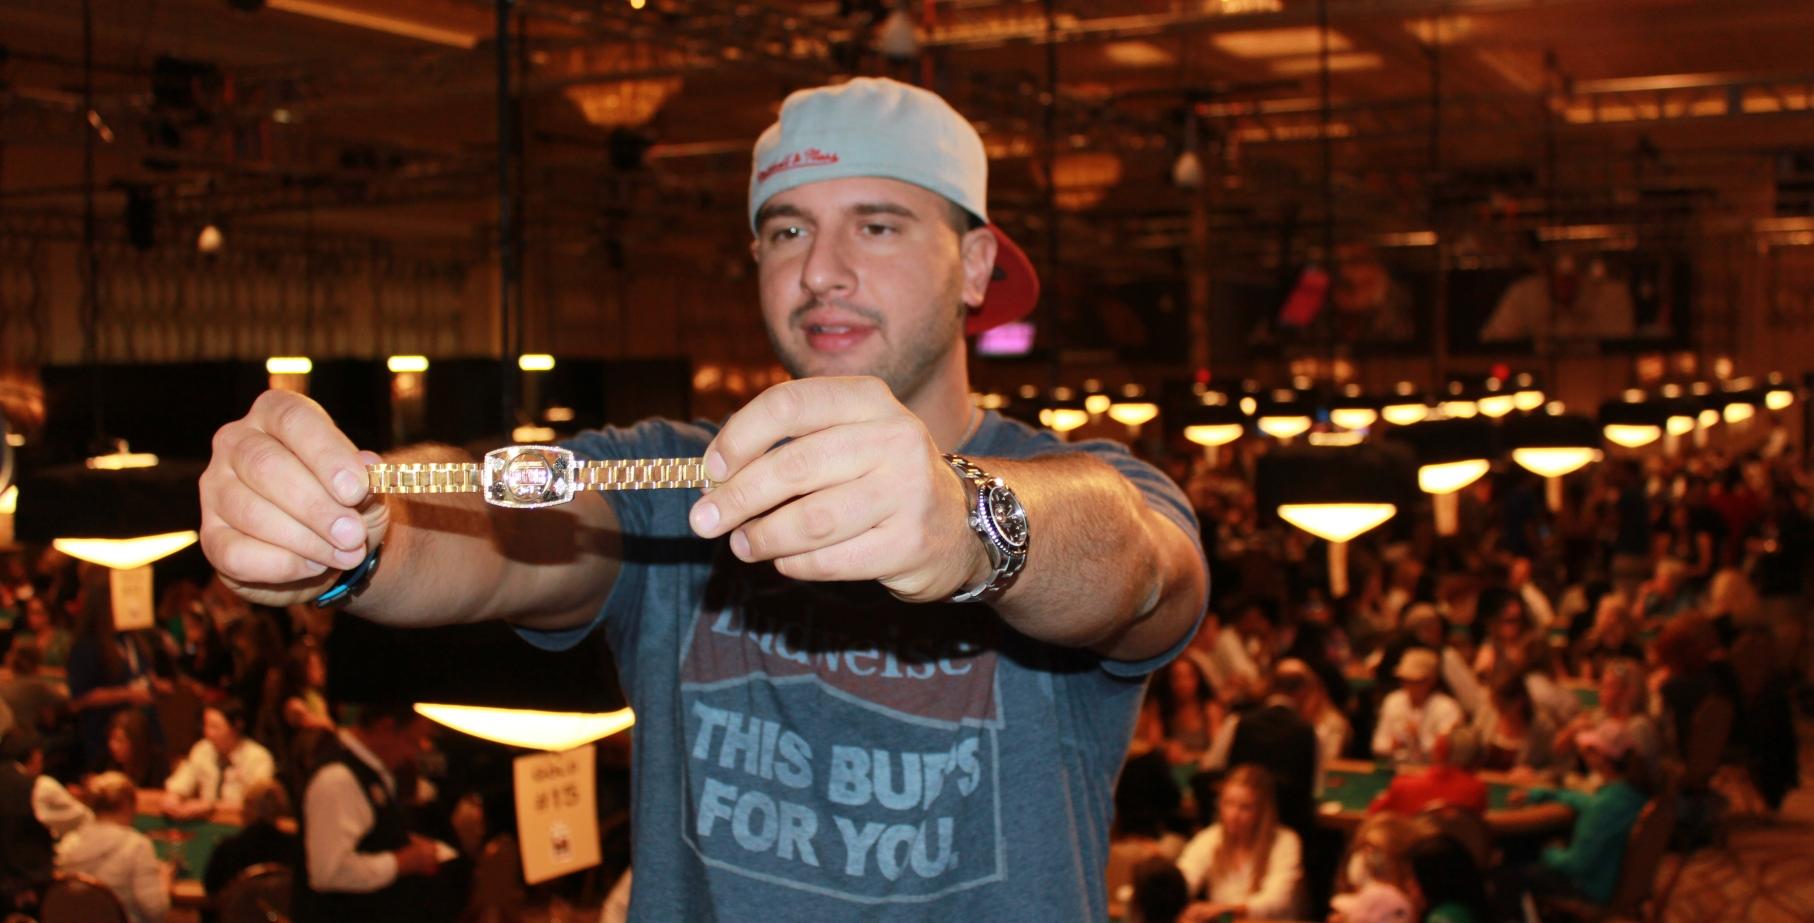 Grinder - top wsop bracelet